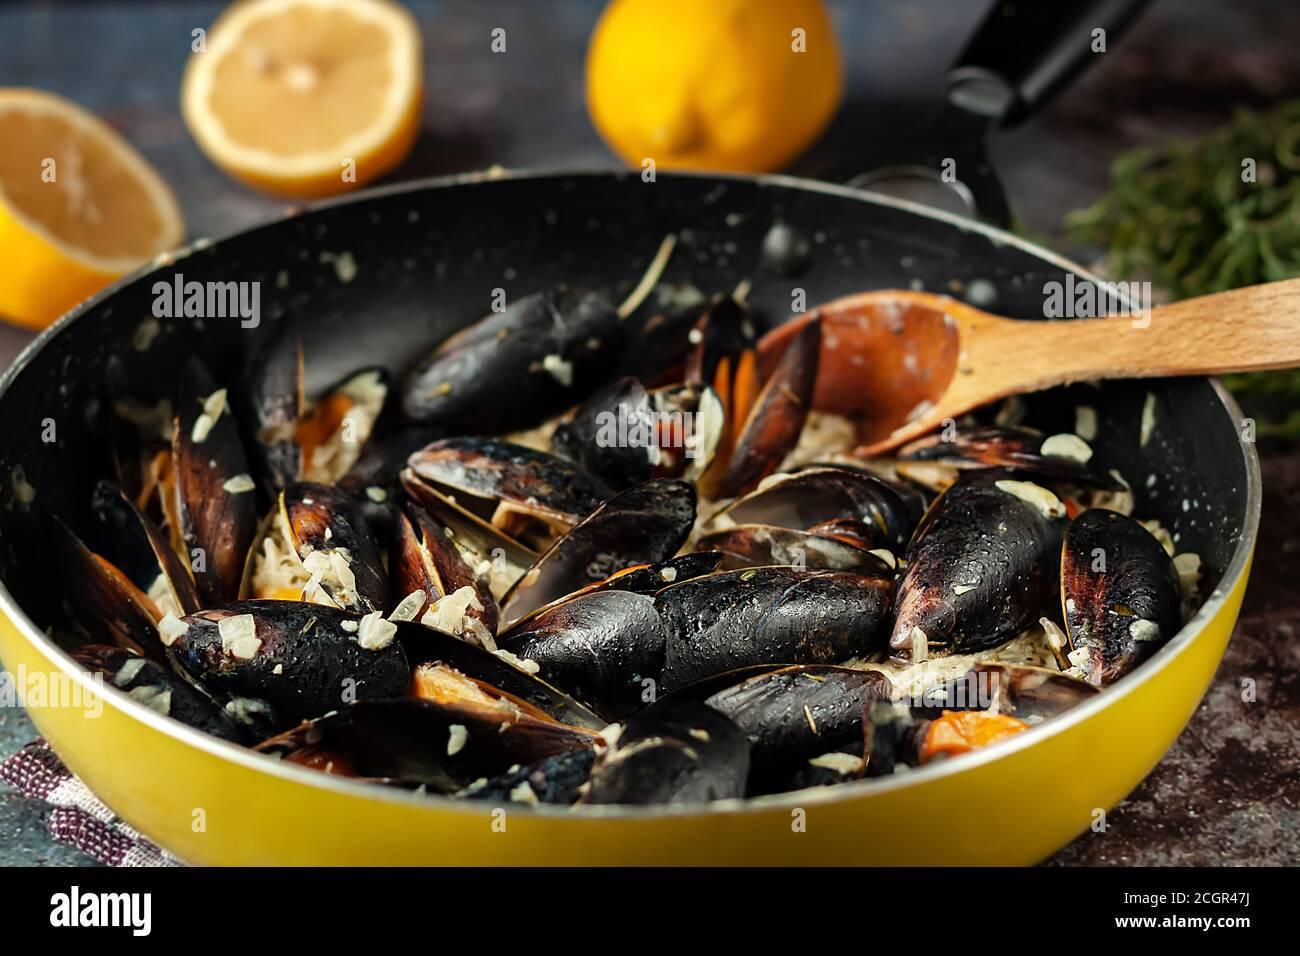 Moules Marinieres - mejillones cocinados con salsa de vino blanco. Foto de stock